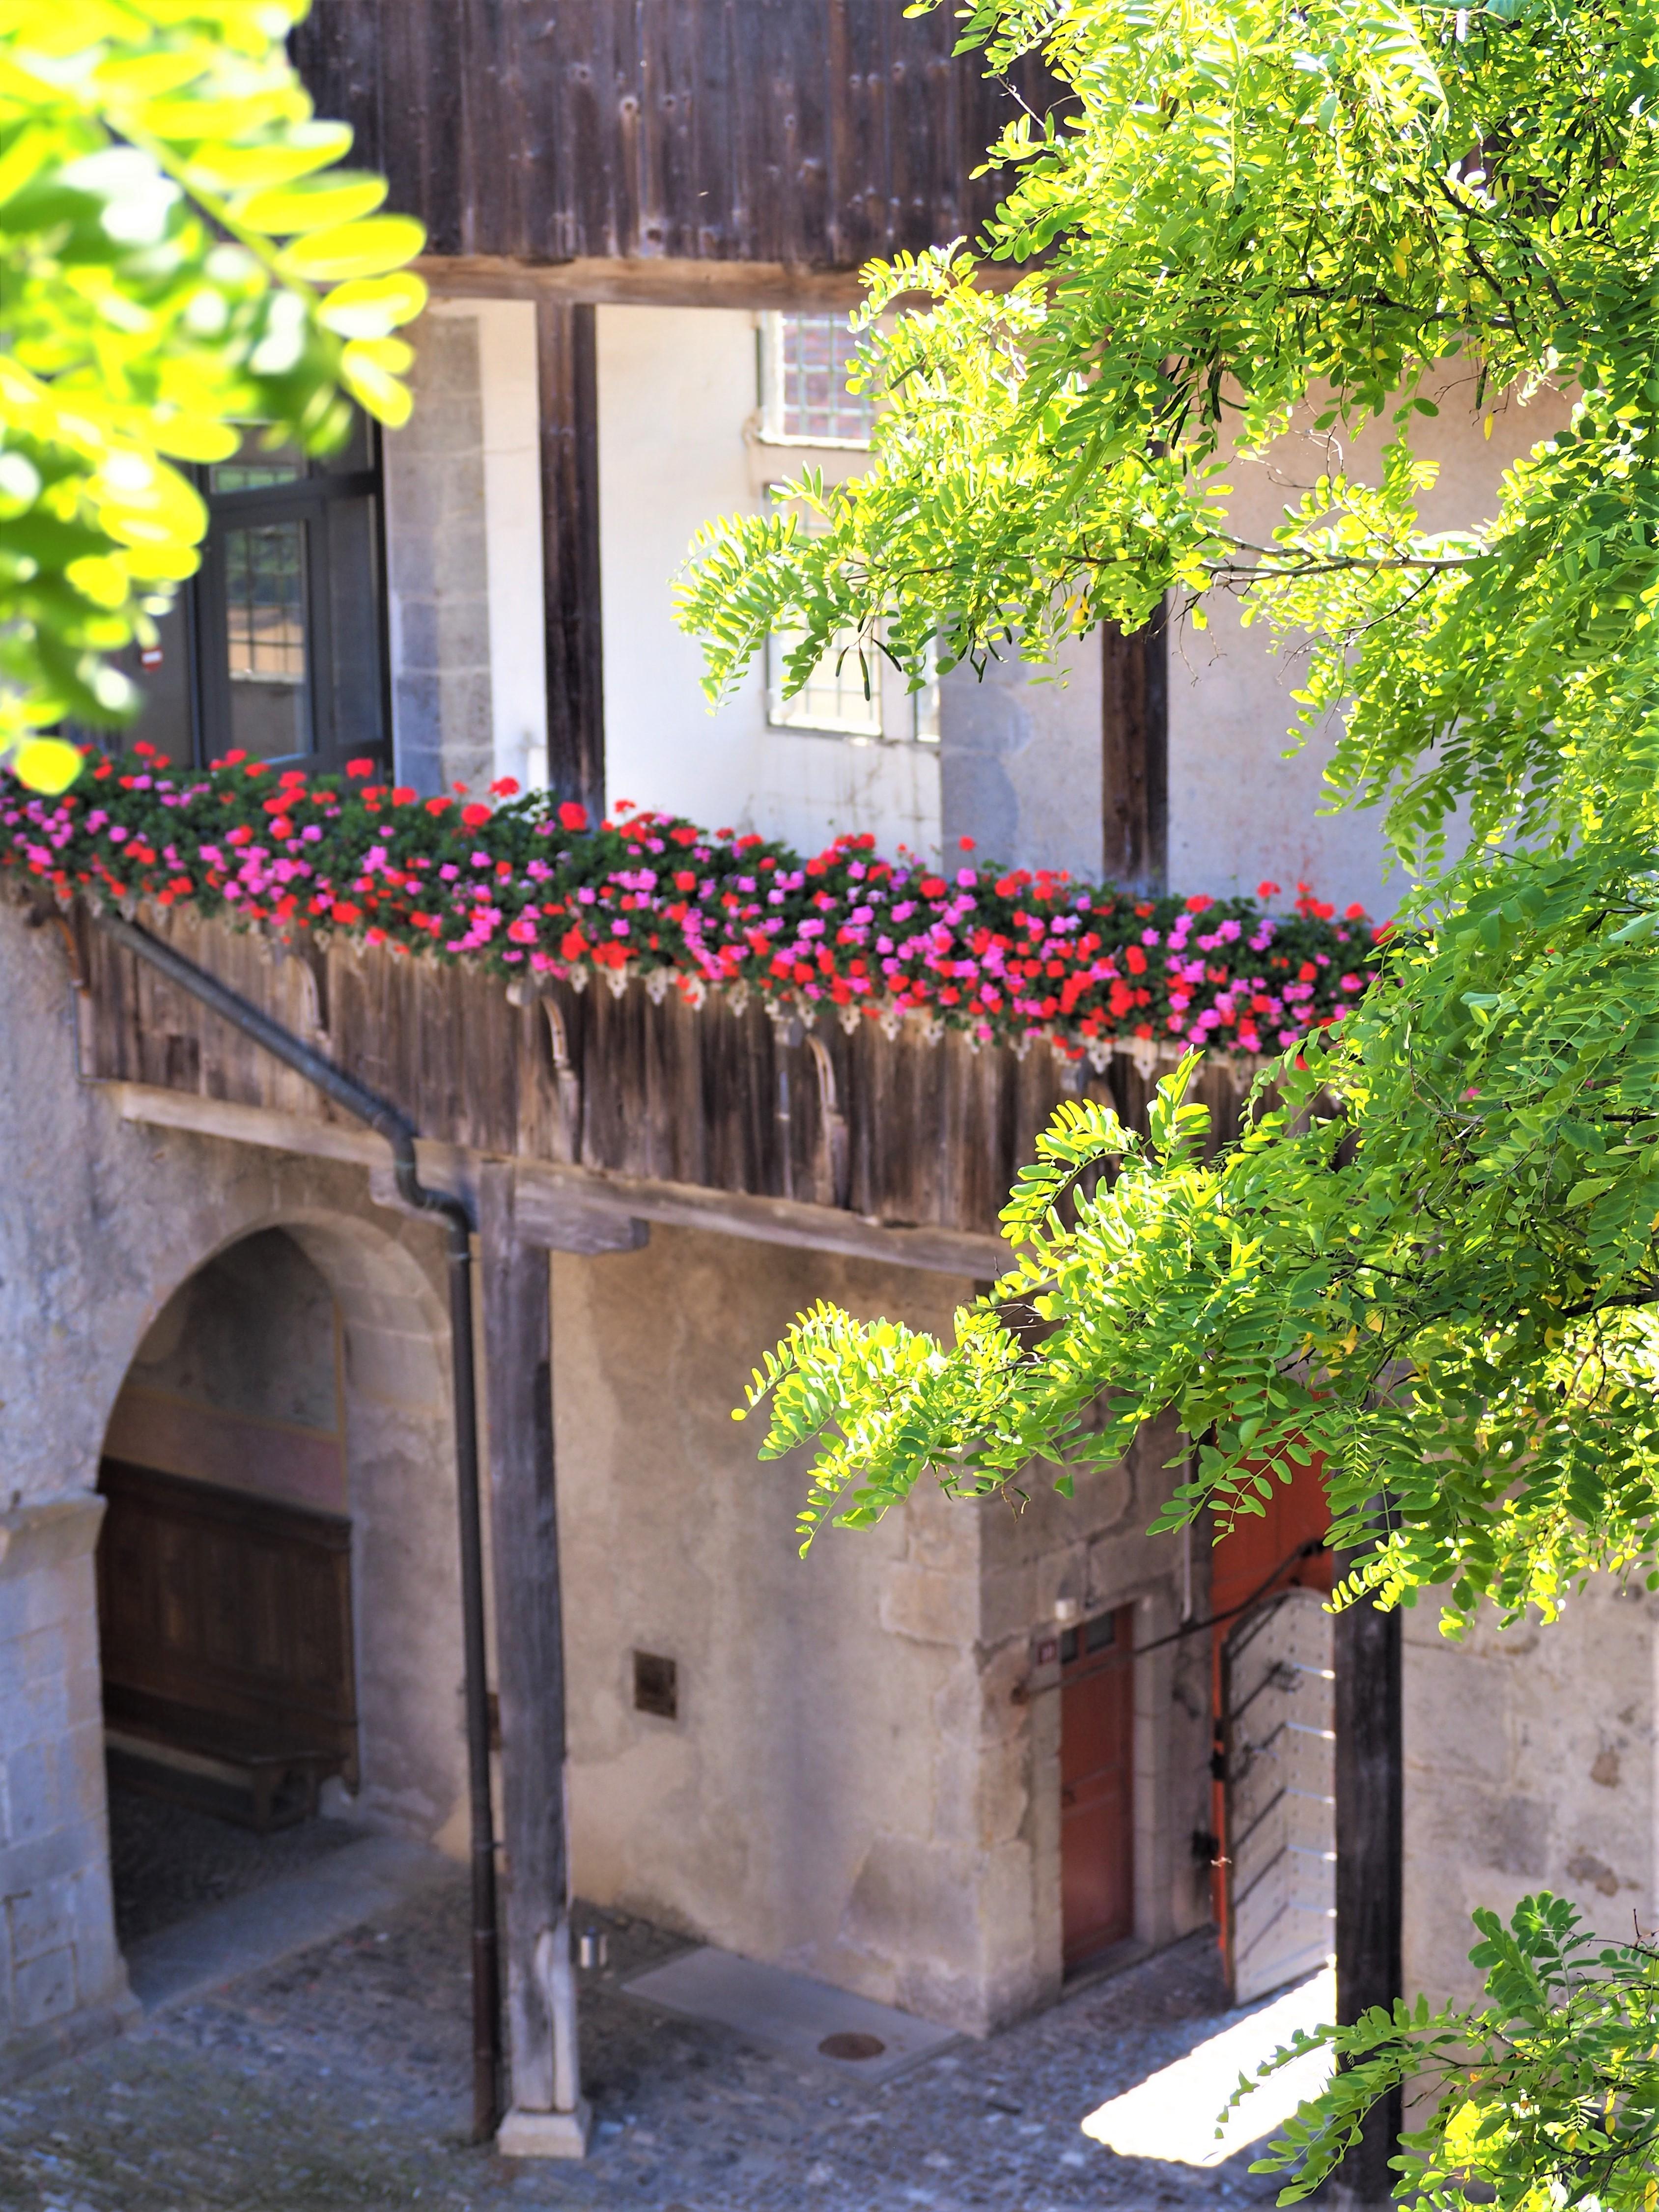 Visiter-Gruyères-canton-de-Fribourg-Suisse-Château-de-Gruyères-clioandco-blog-voyages